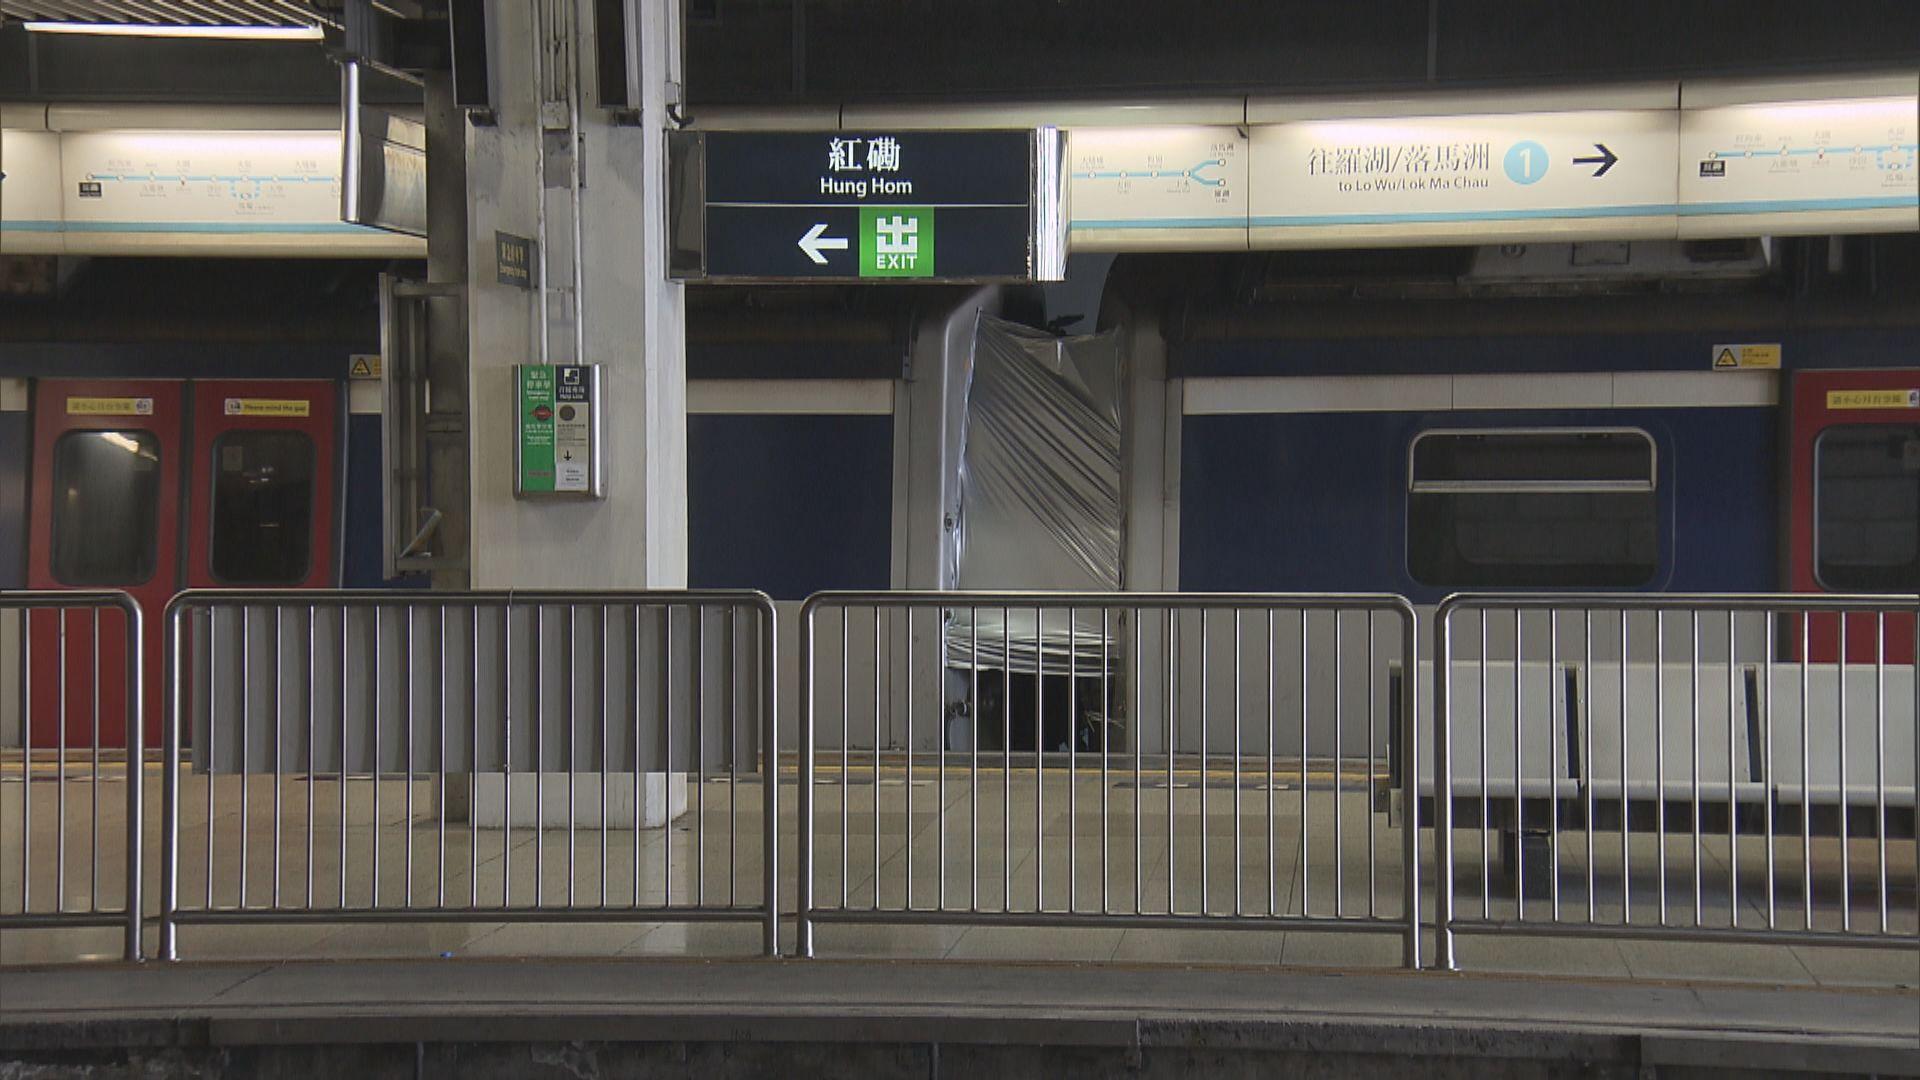 東鐵綫紅磡站星期四只能繼續使用四號月台